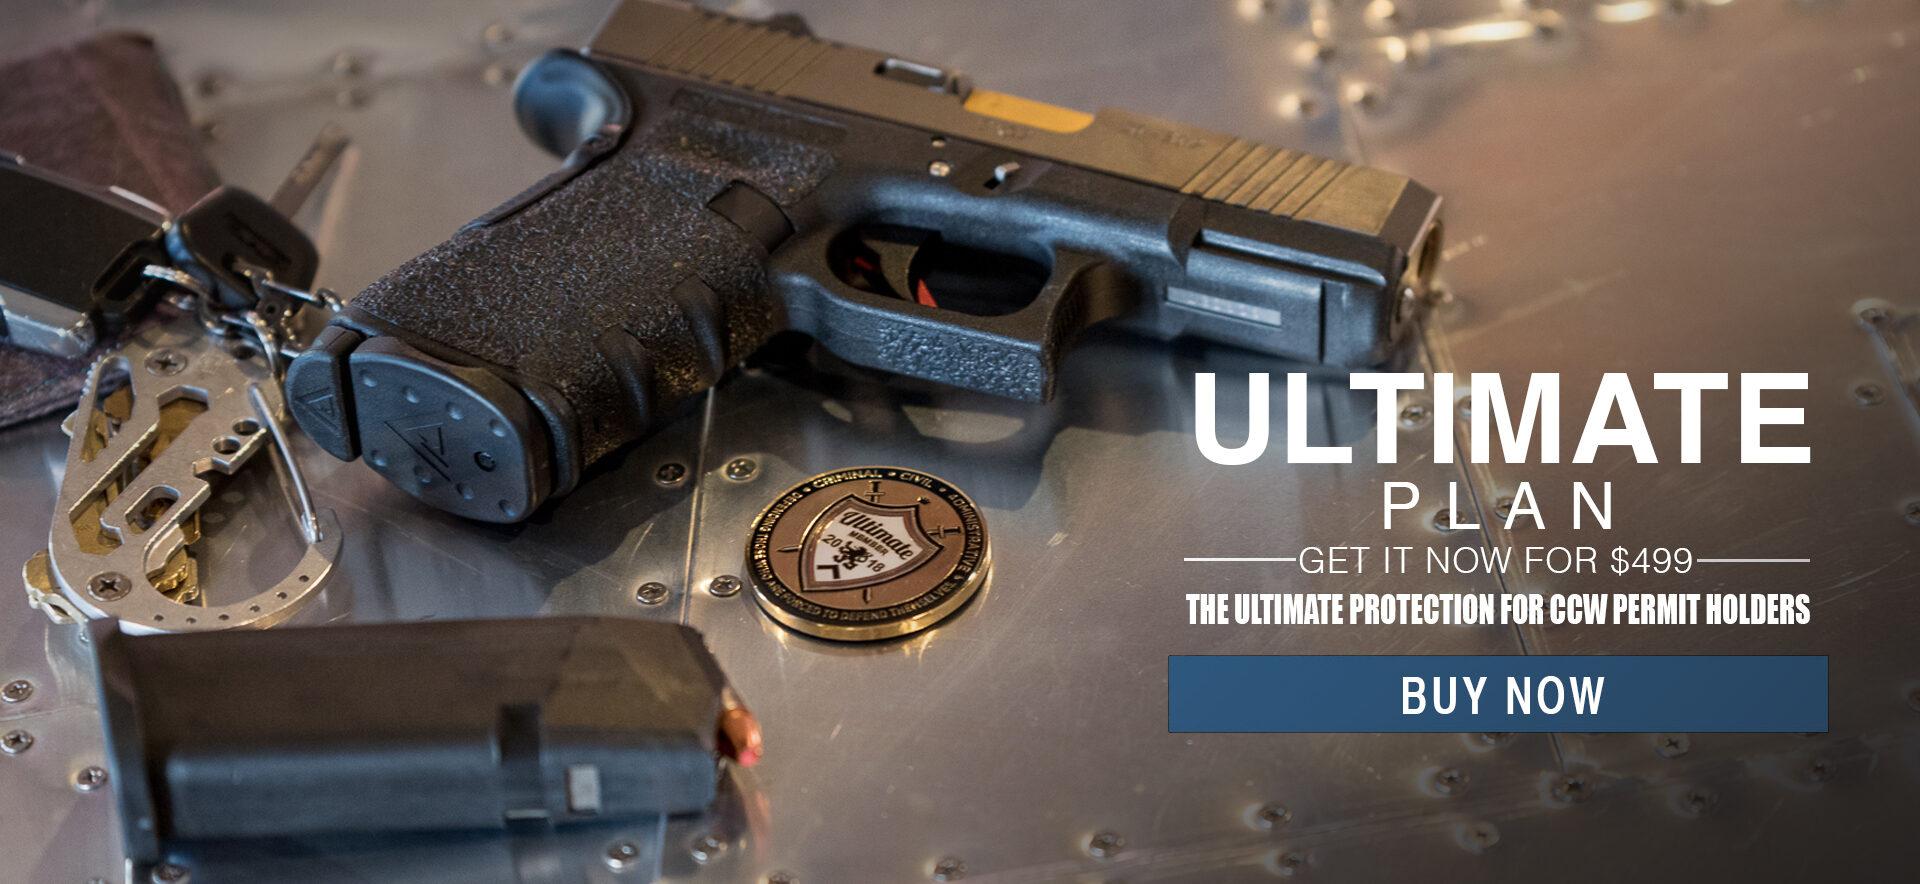 ultimateplan2-0-8041372